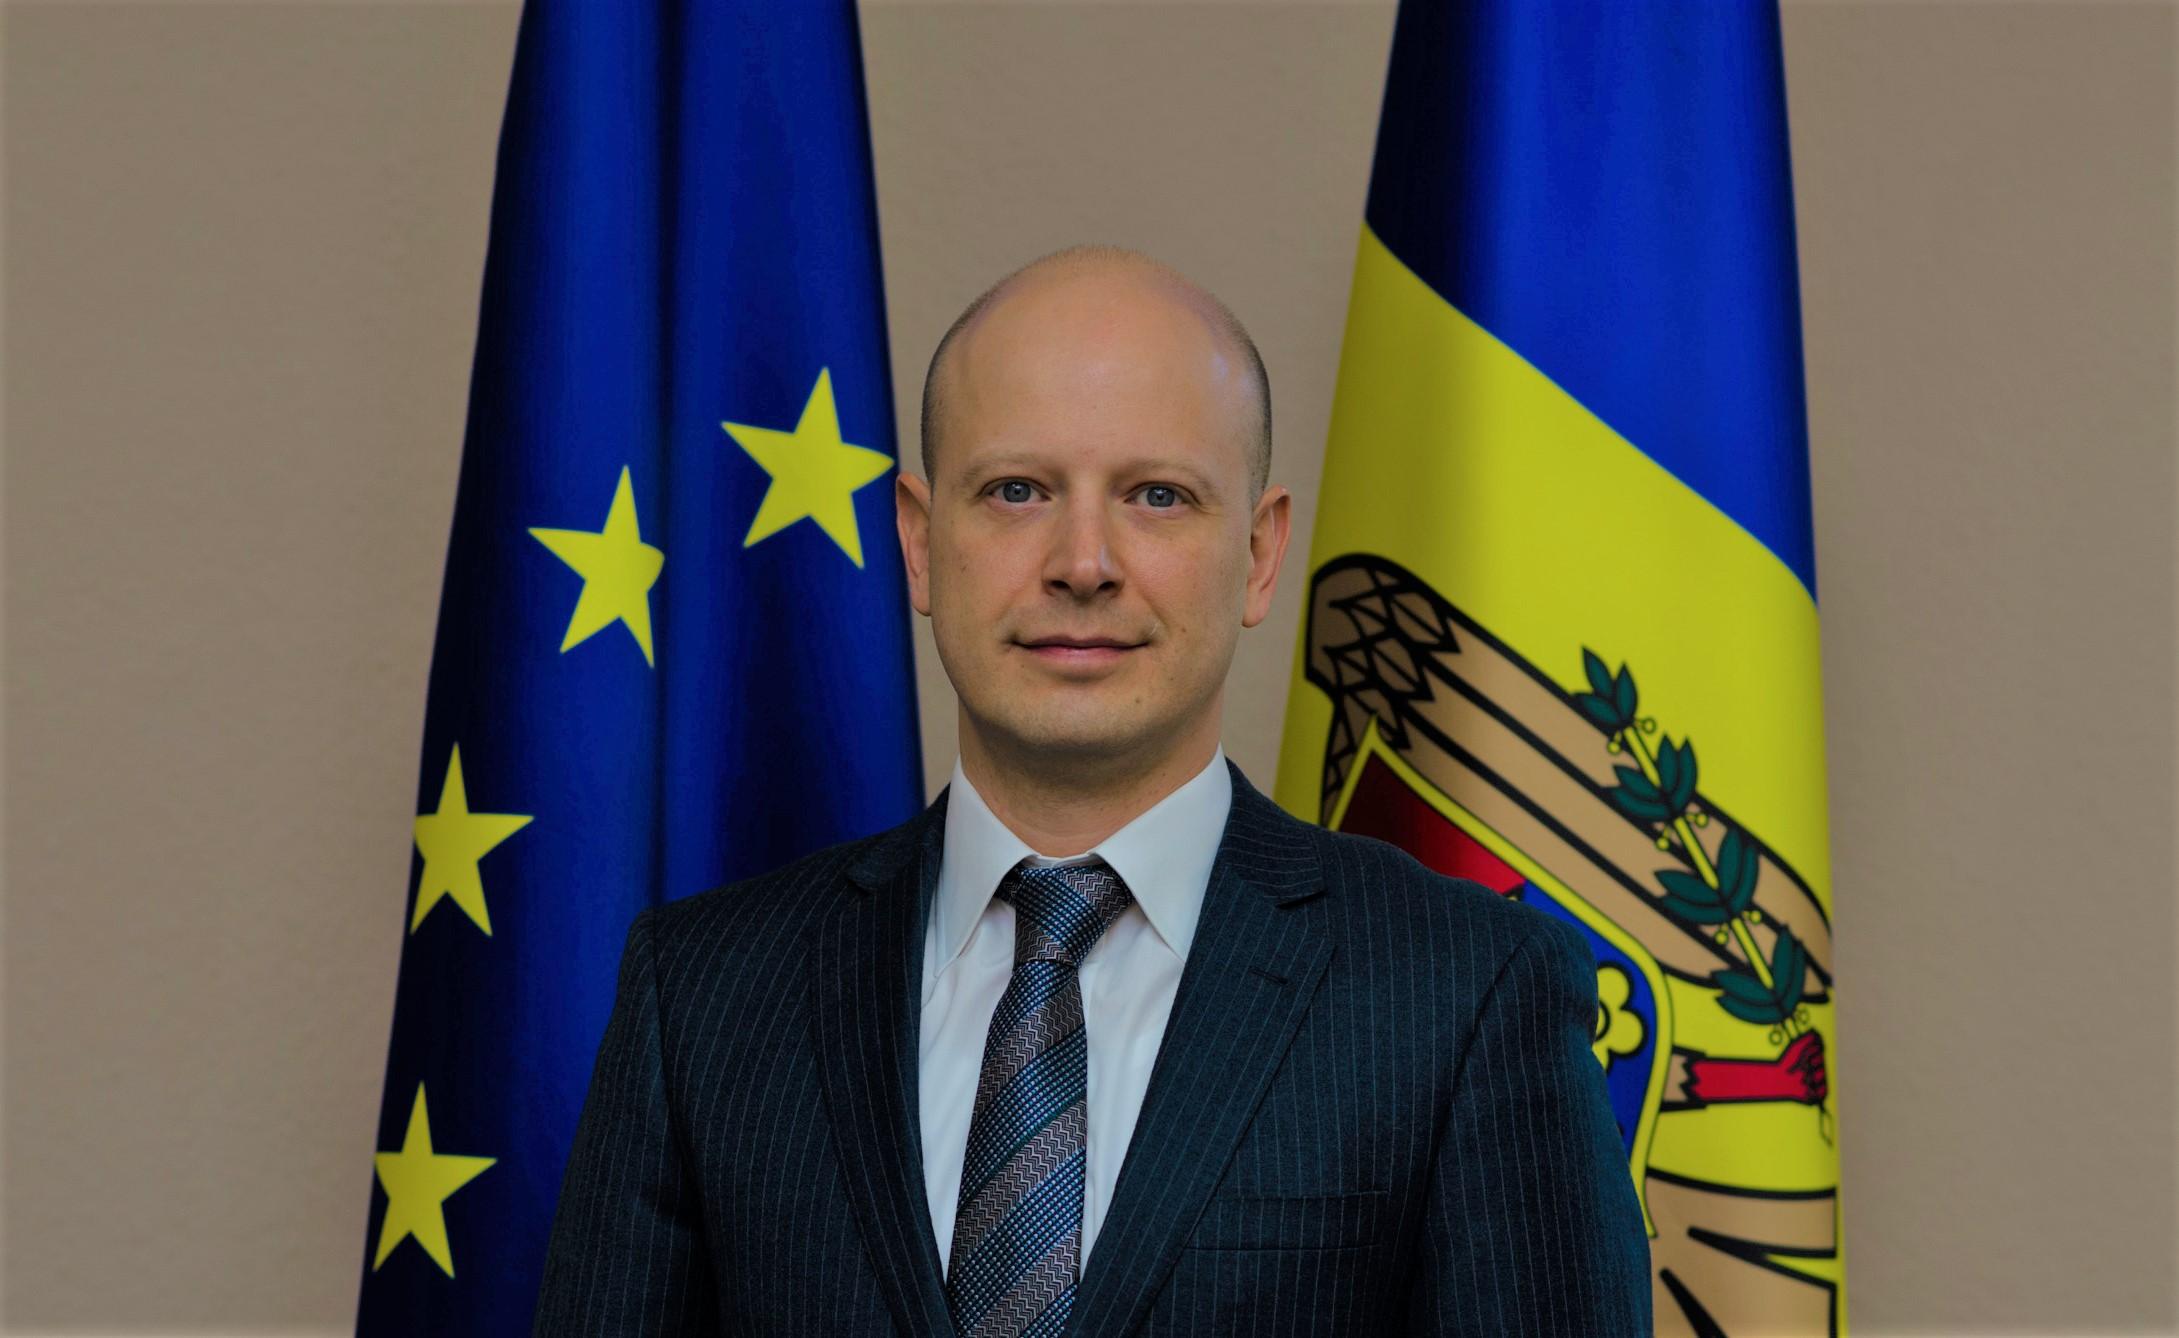 (INTERVIU) Eugen Coştei: Autoritatea Aeronautică Civilă va continua să întreprindă toate măsurile pentru asigurarea unui nivel înalt de siguranţă a zborurilor